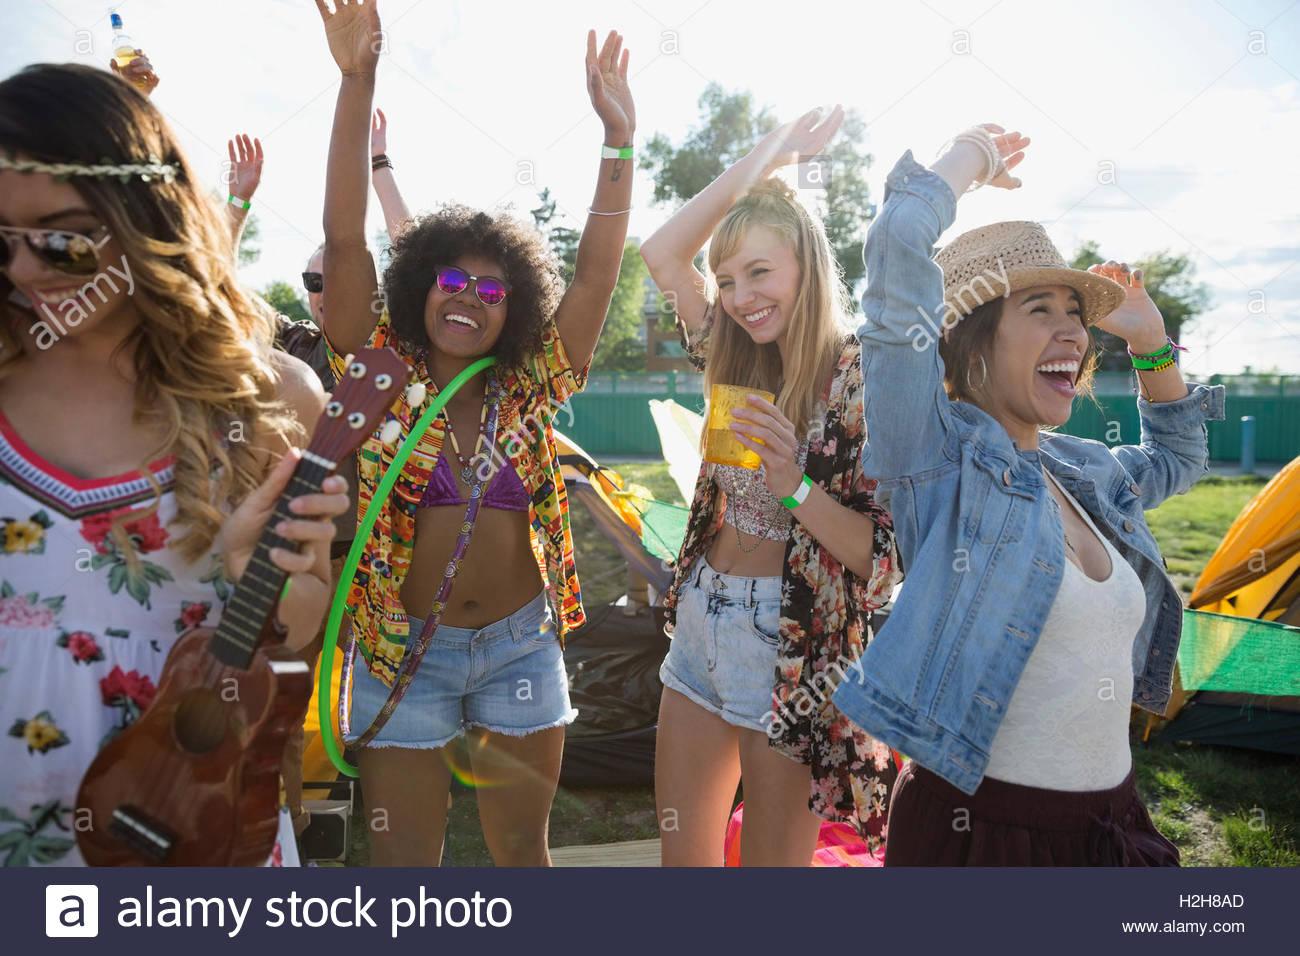 Begeisterte junge Frauen tanzen in der Sommer-Musikfestival Stockbild